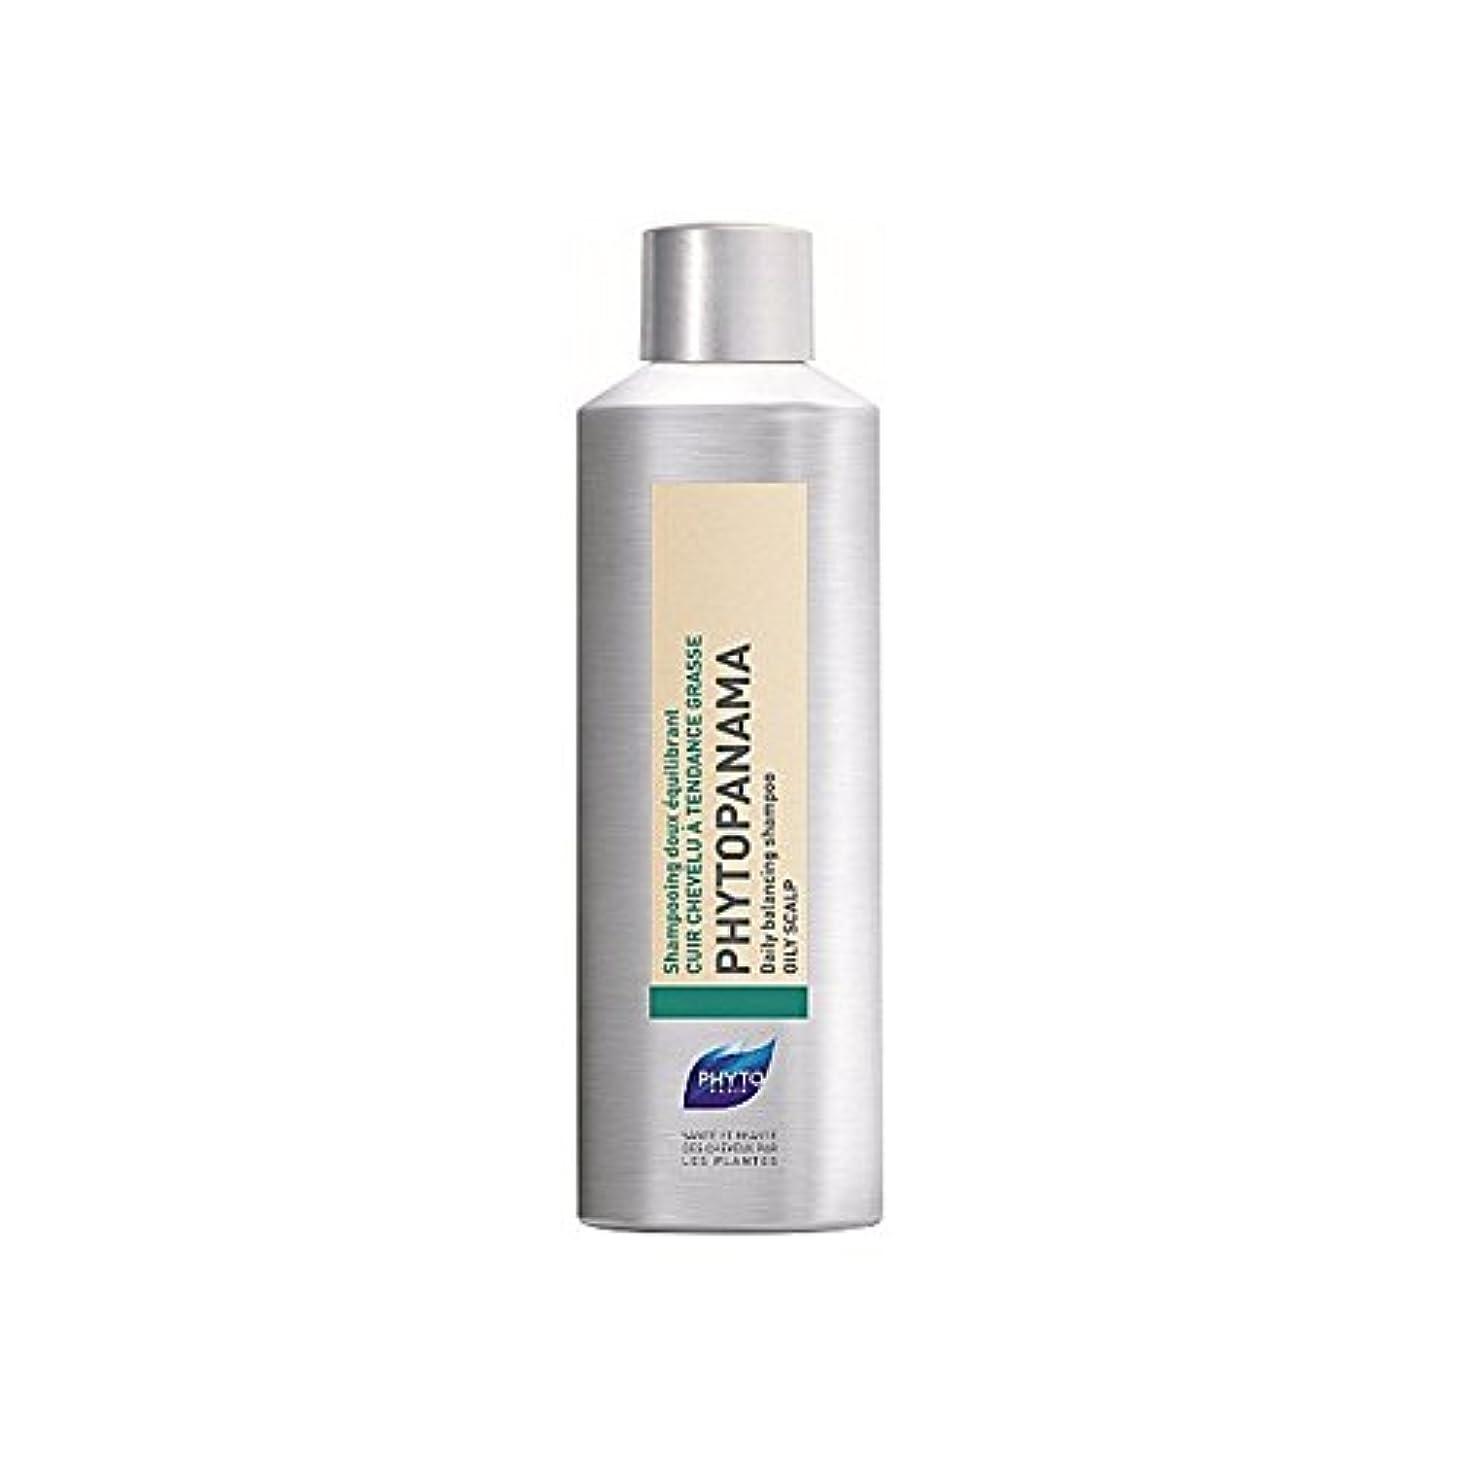 解き明かす葉を集める生態学フィトシャンプー200ミリリットル x4 - Phyto Phytopanama Shampoo 200ml (Pack of 4) [並行輸入品]